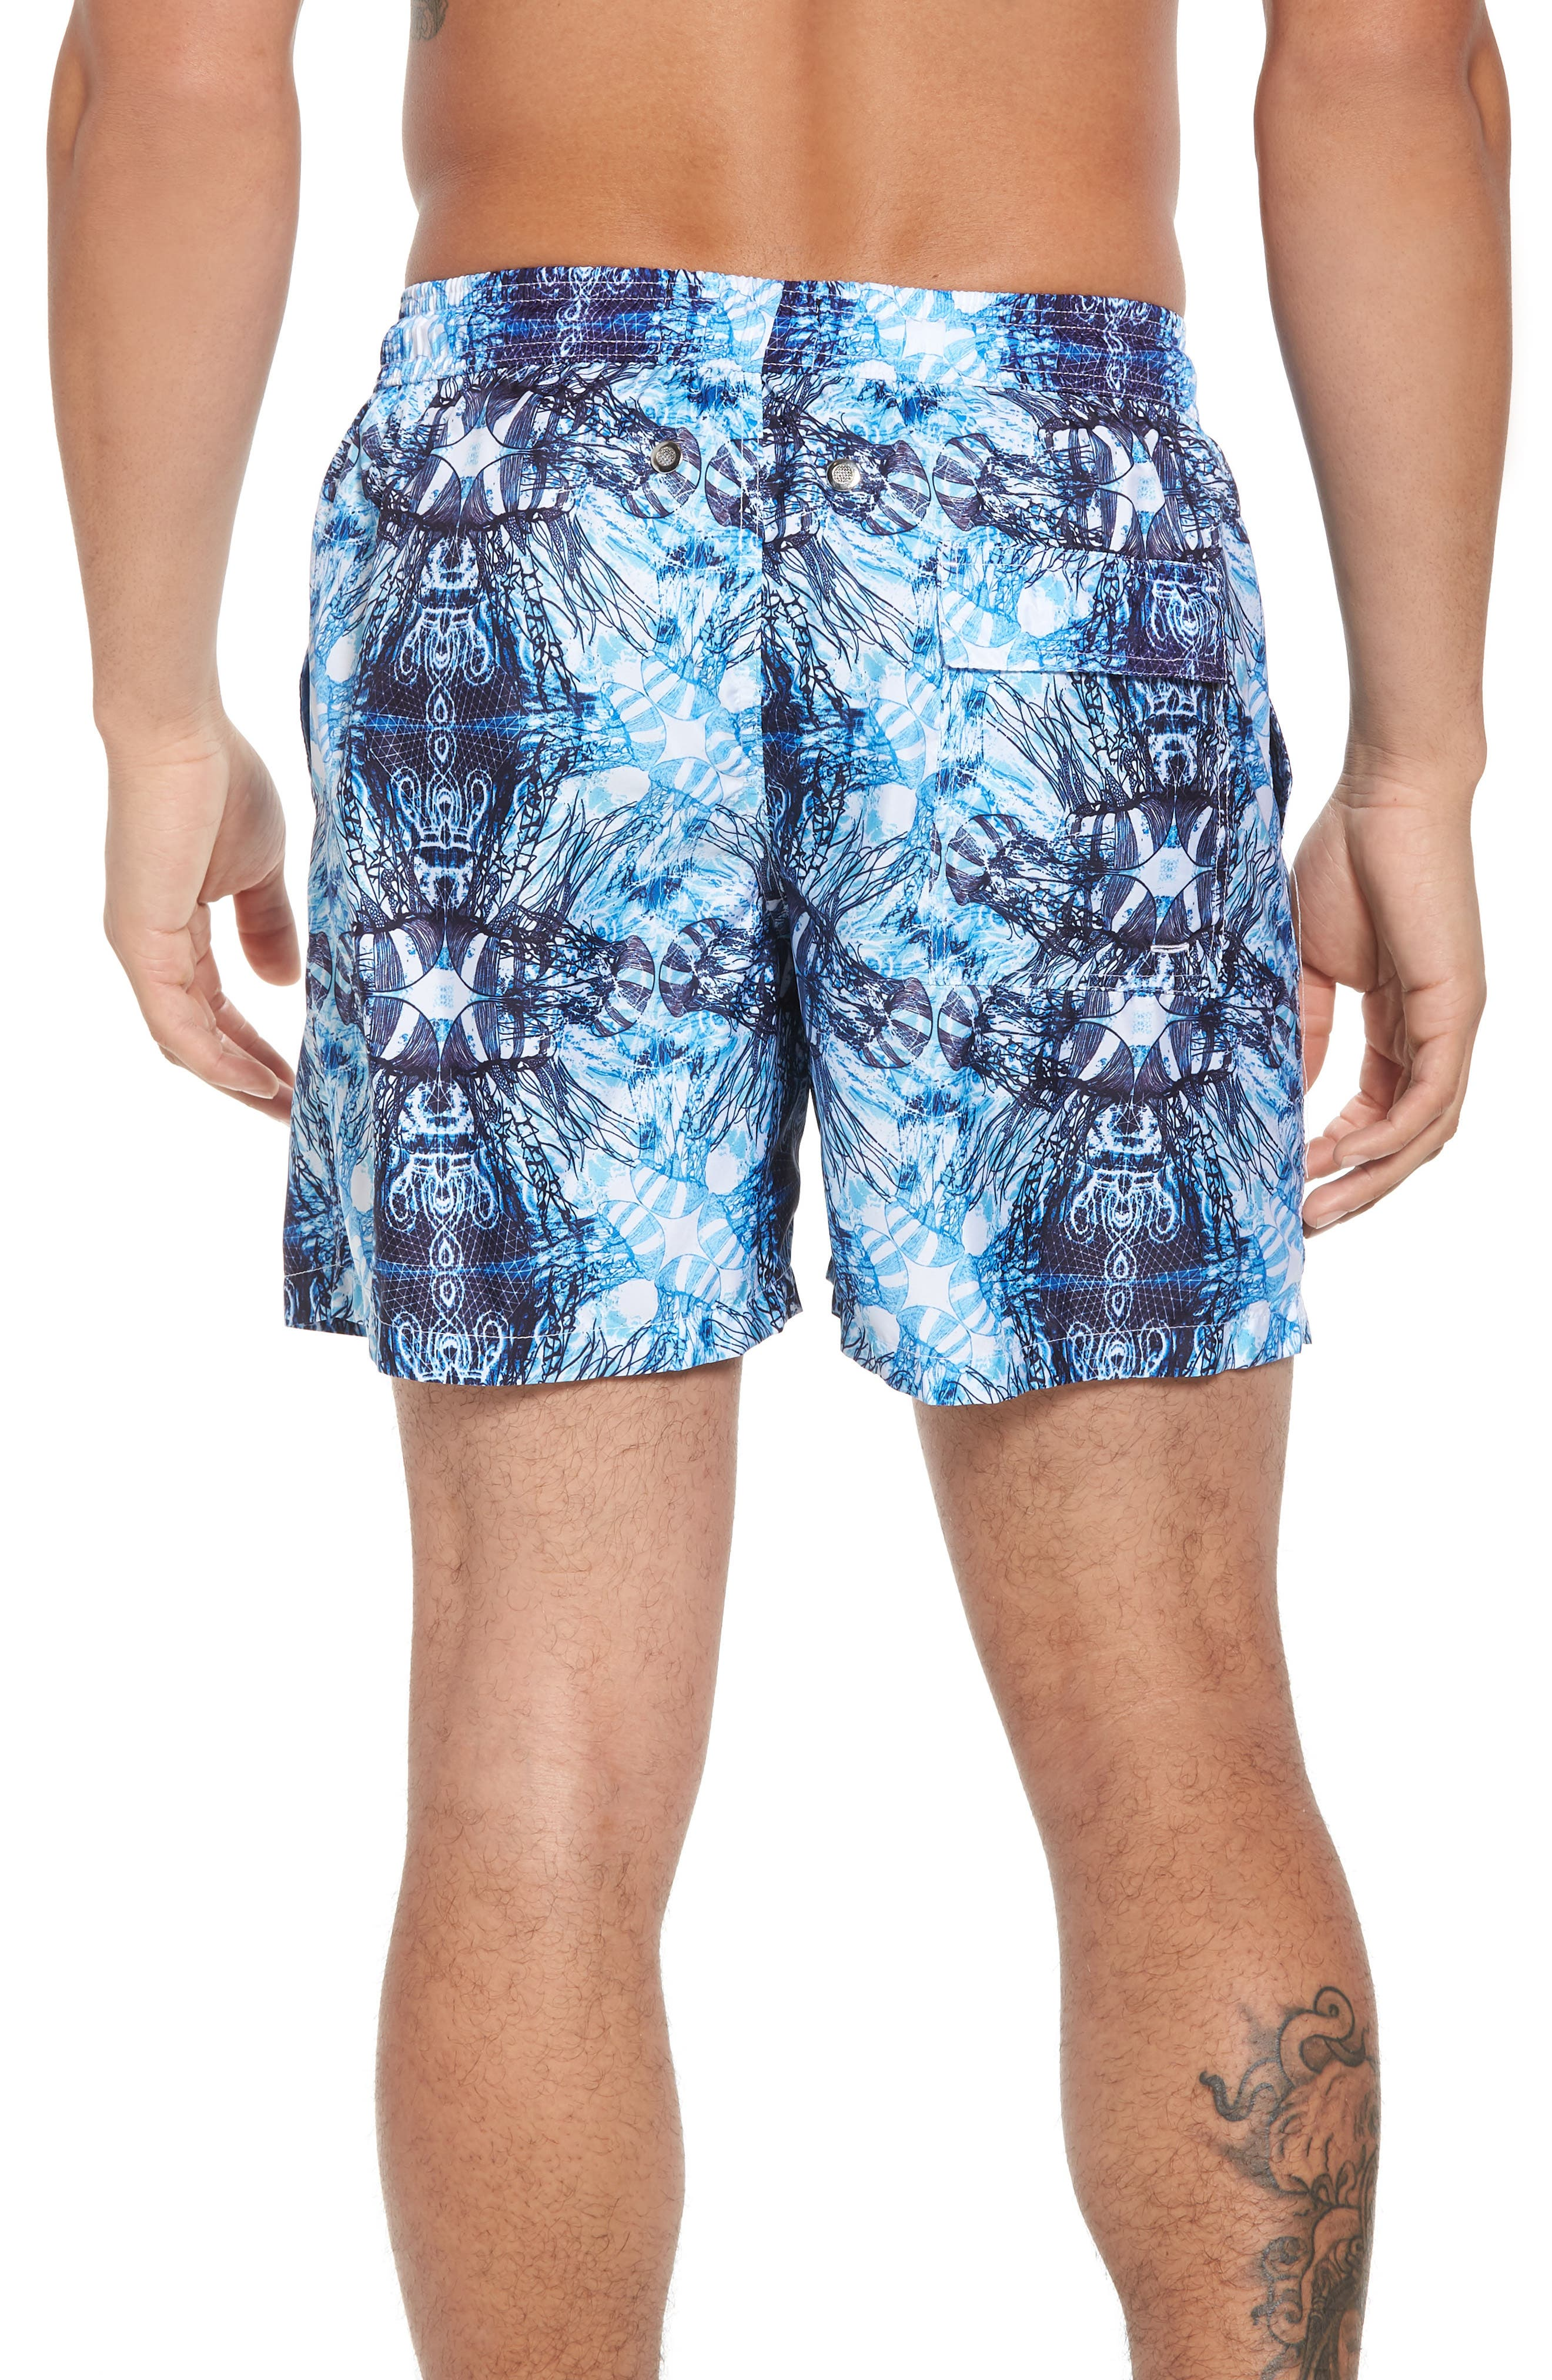 Trim Fit Swim Shorts,                             Alternate thumbnail 2, color,                             Light Blue Jelly Fish